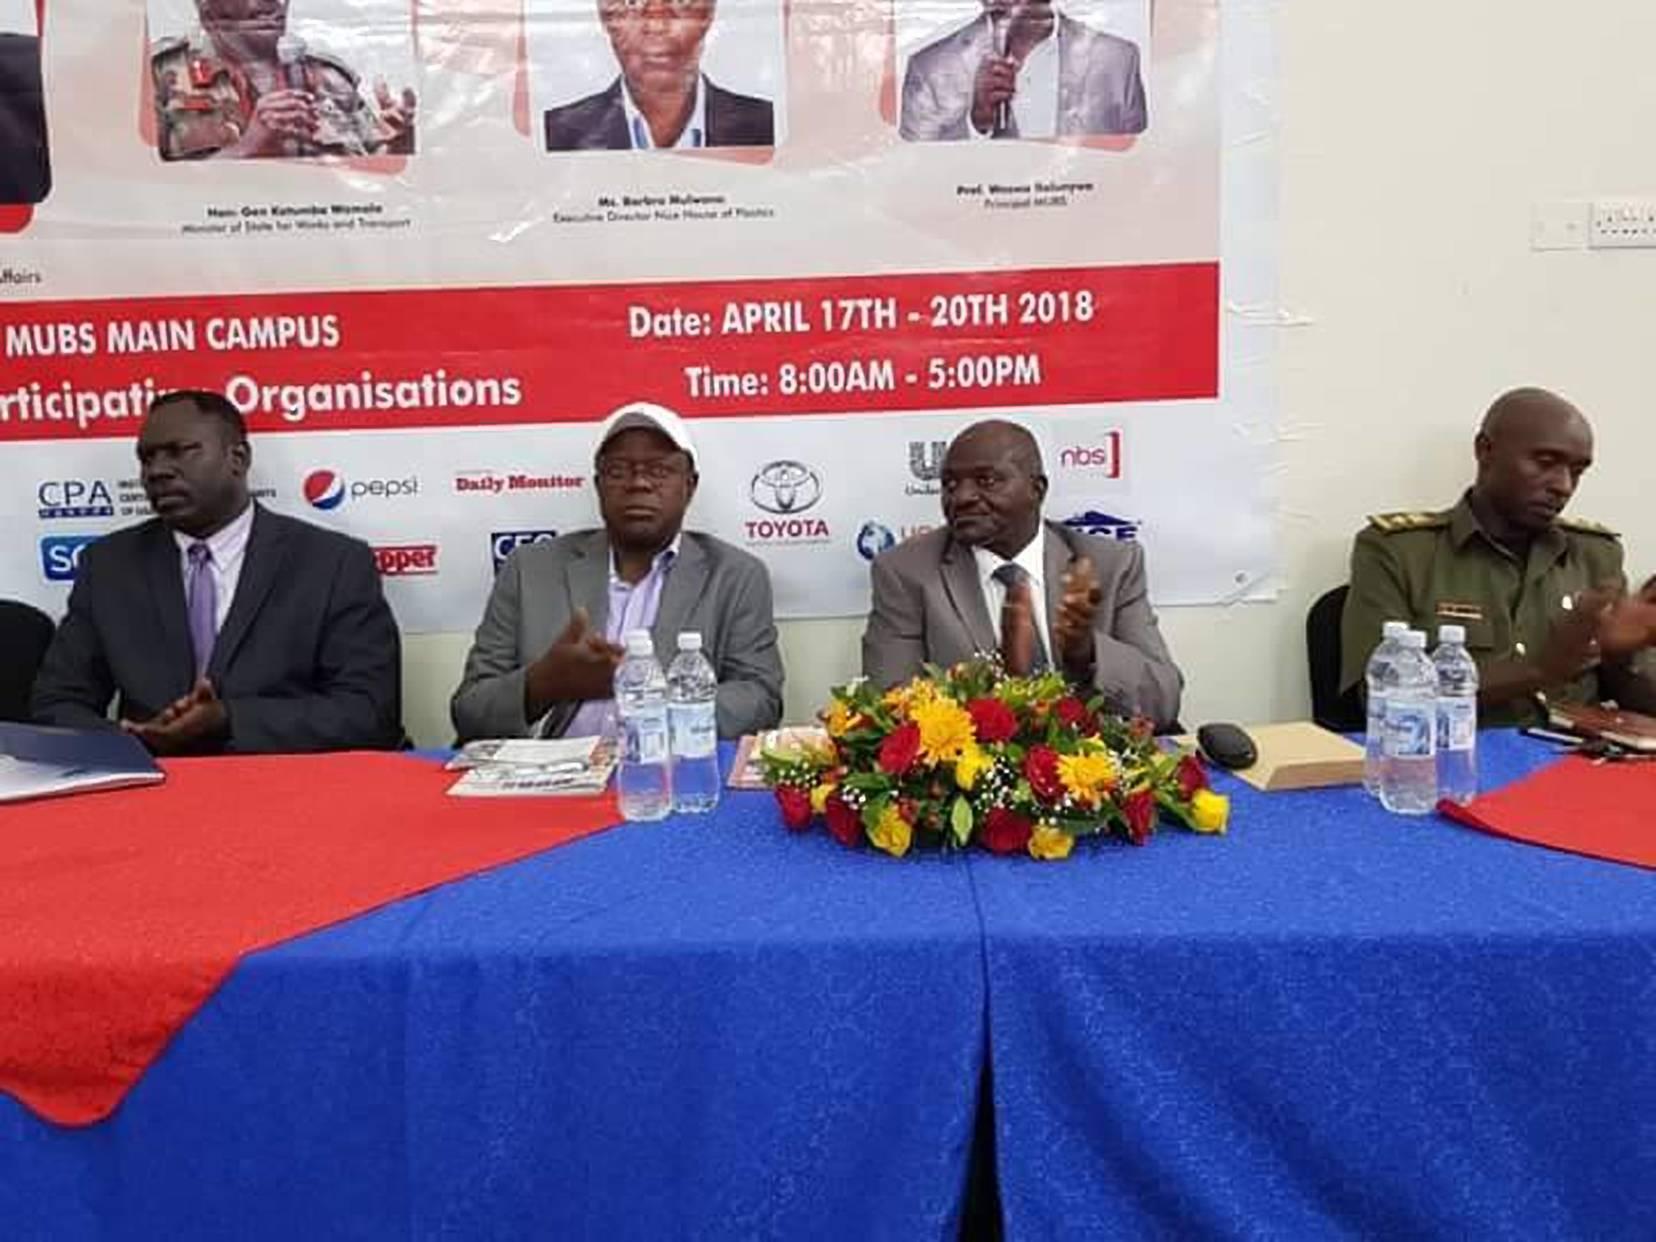 Gen Katumba Wamala at the MUBS Careers Expo (PML PHOTO)